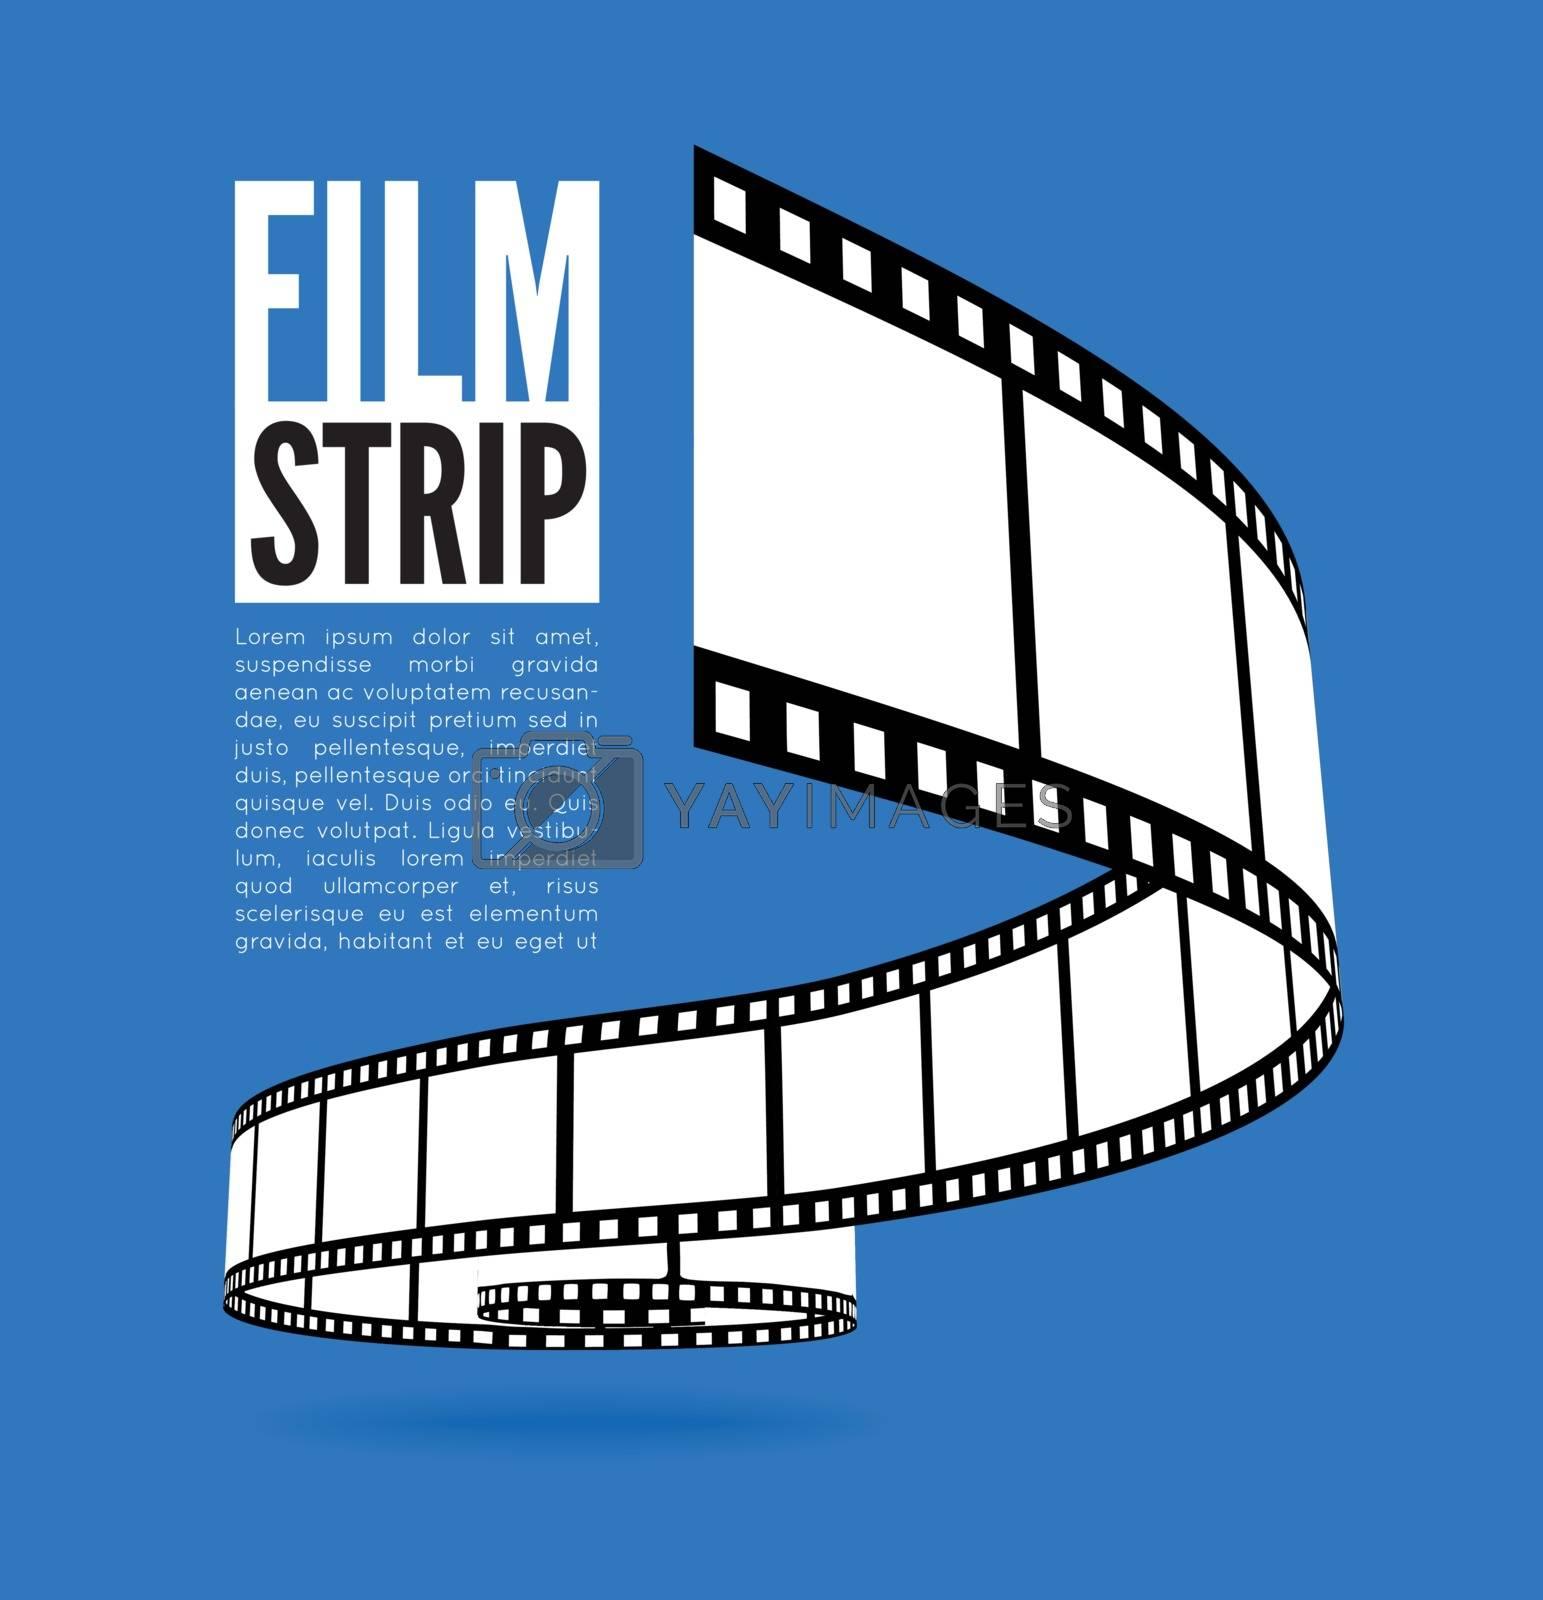 Film strip vector illustration on blue background